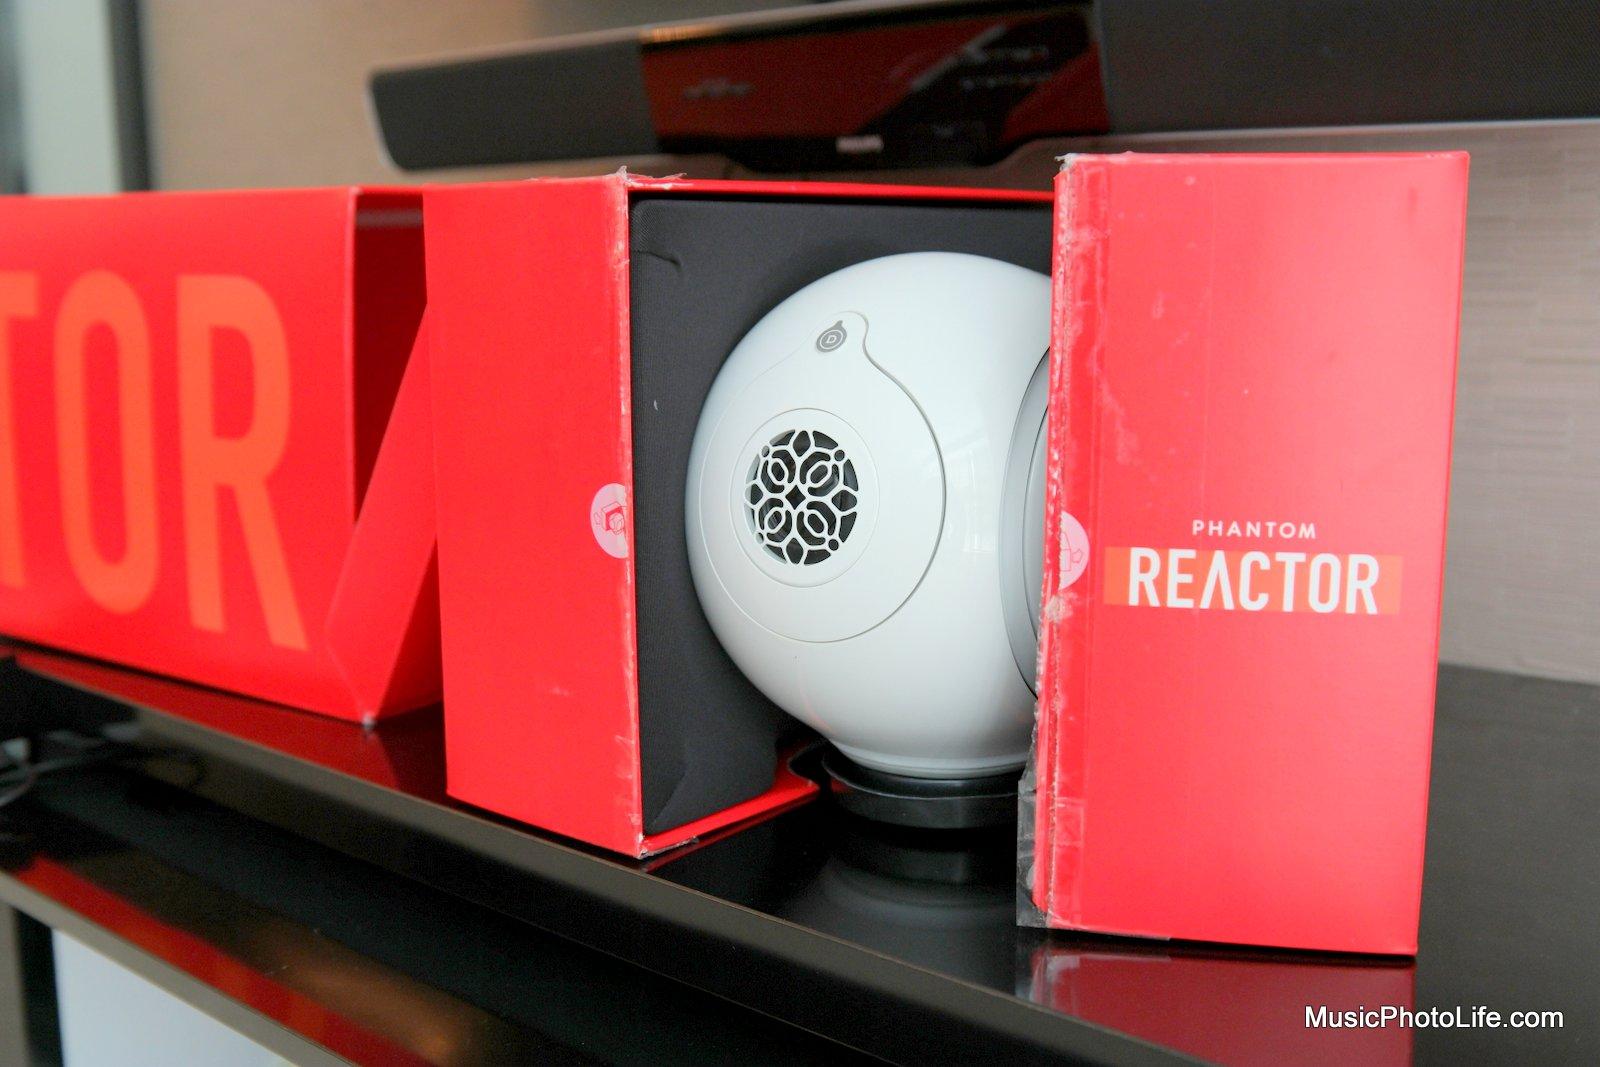 Devialet Phantom Reactor review by musicphotolife.com, Singapore audio blogger